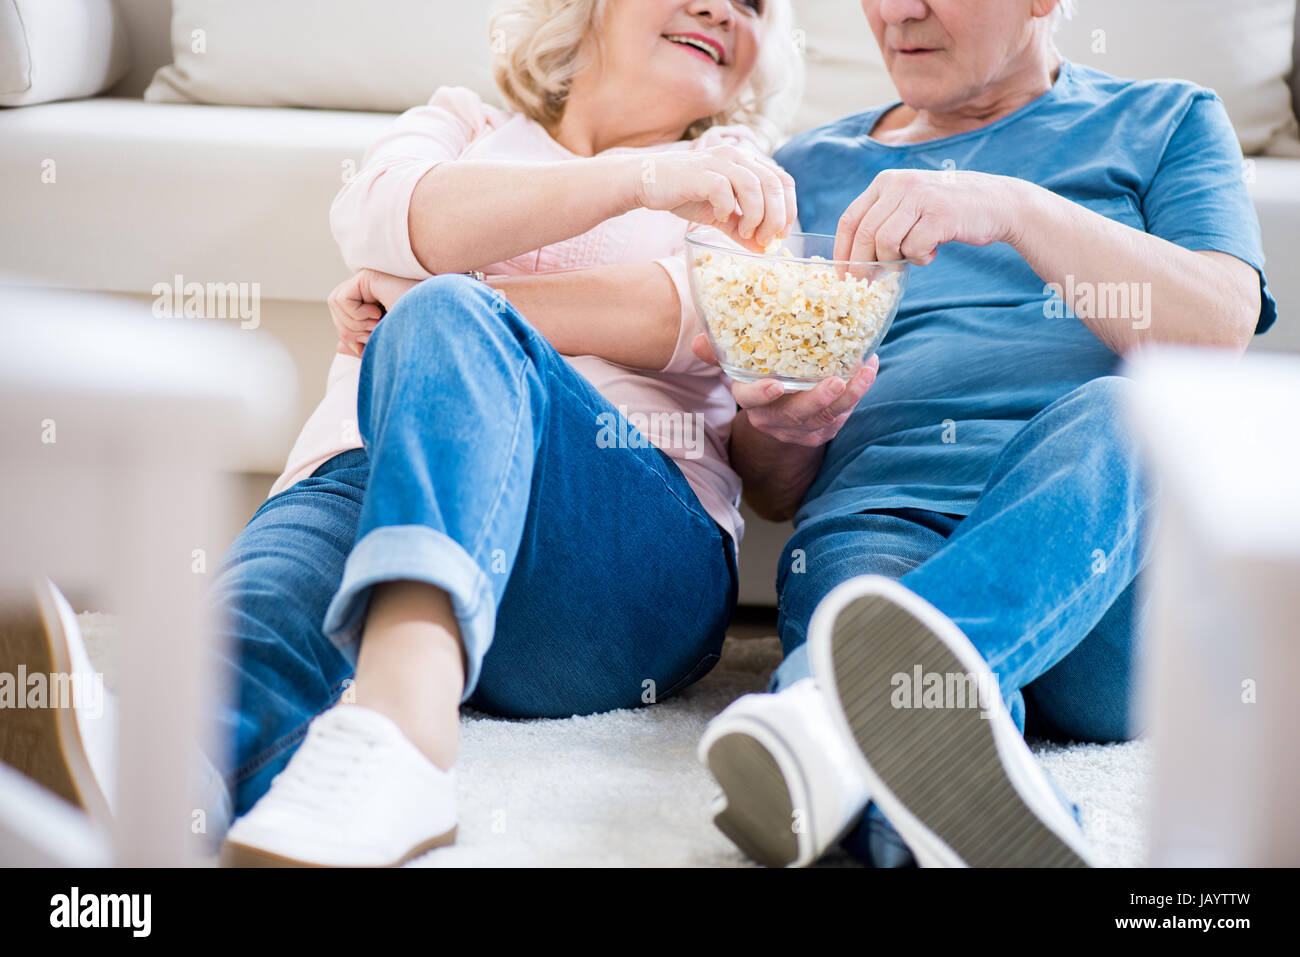 Ritagliato shot di felice coppia senior mangiare popcorn sul divano Immagini Stock